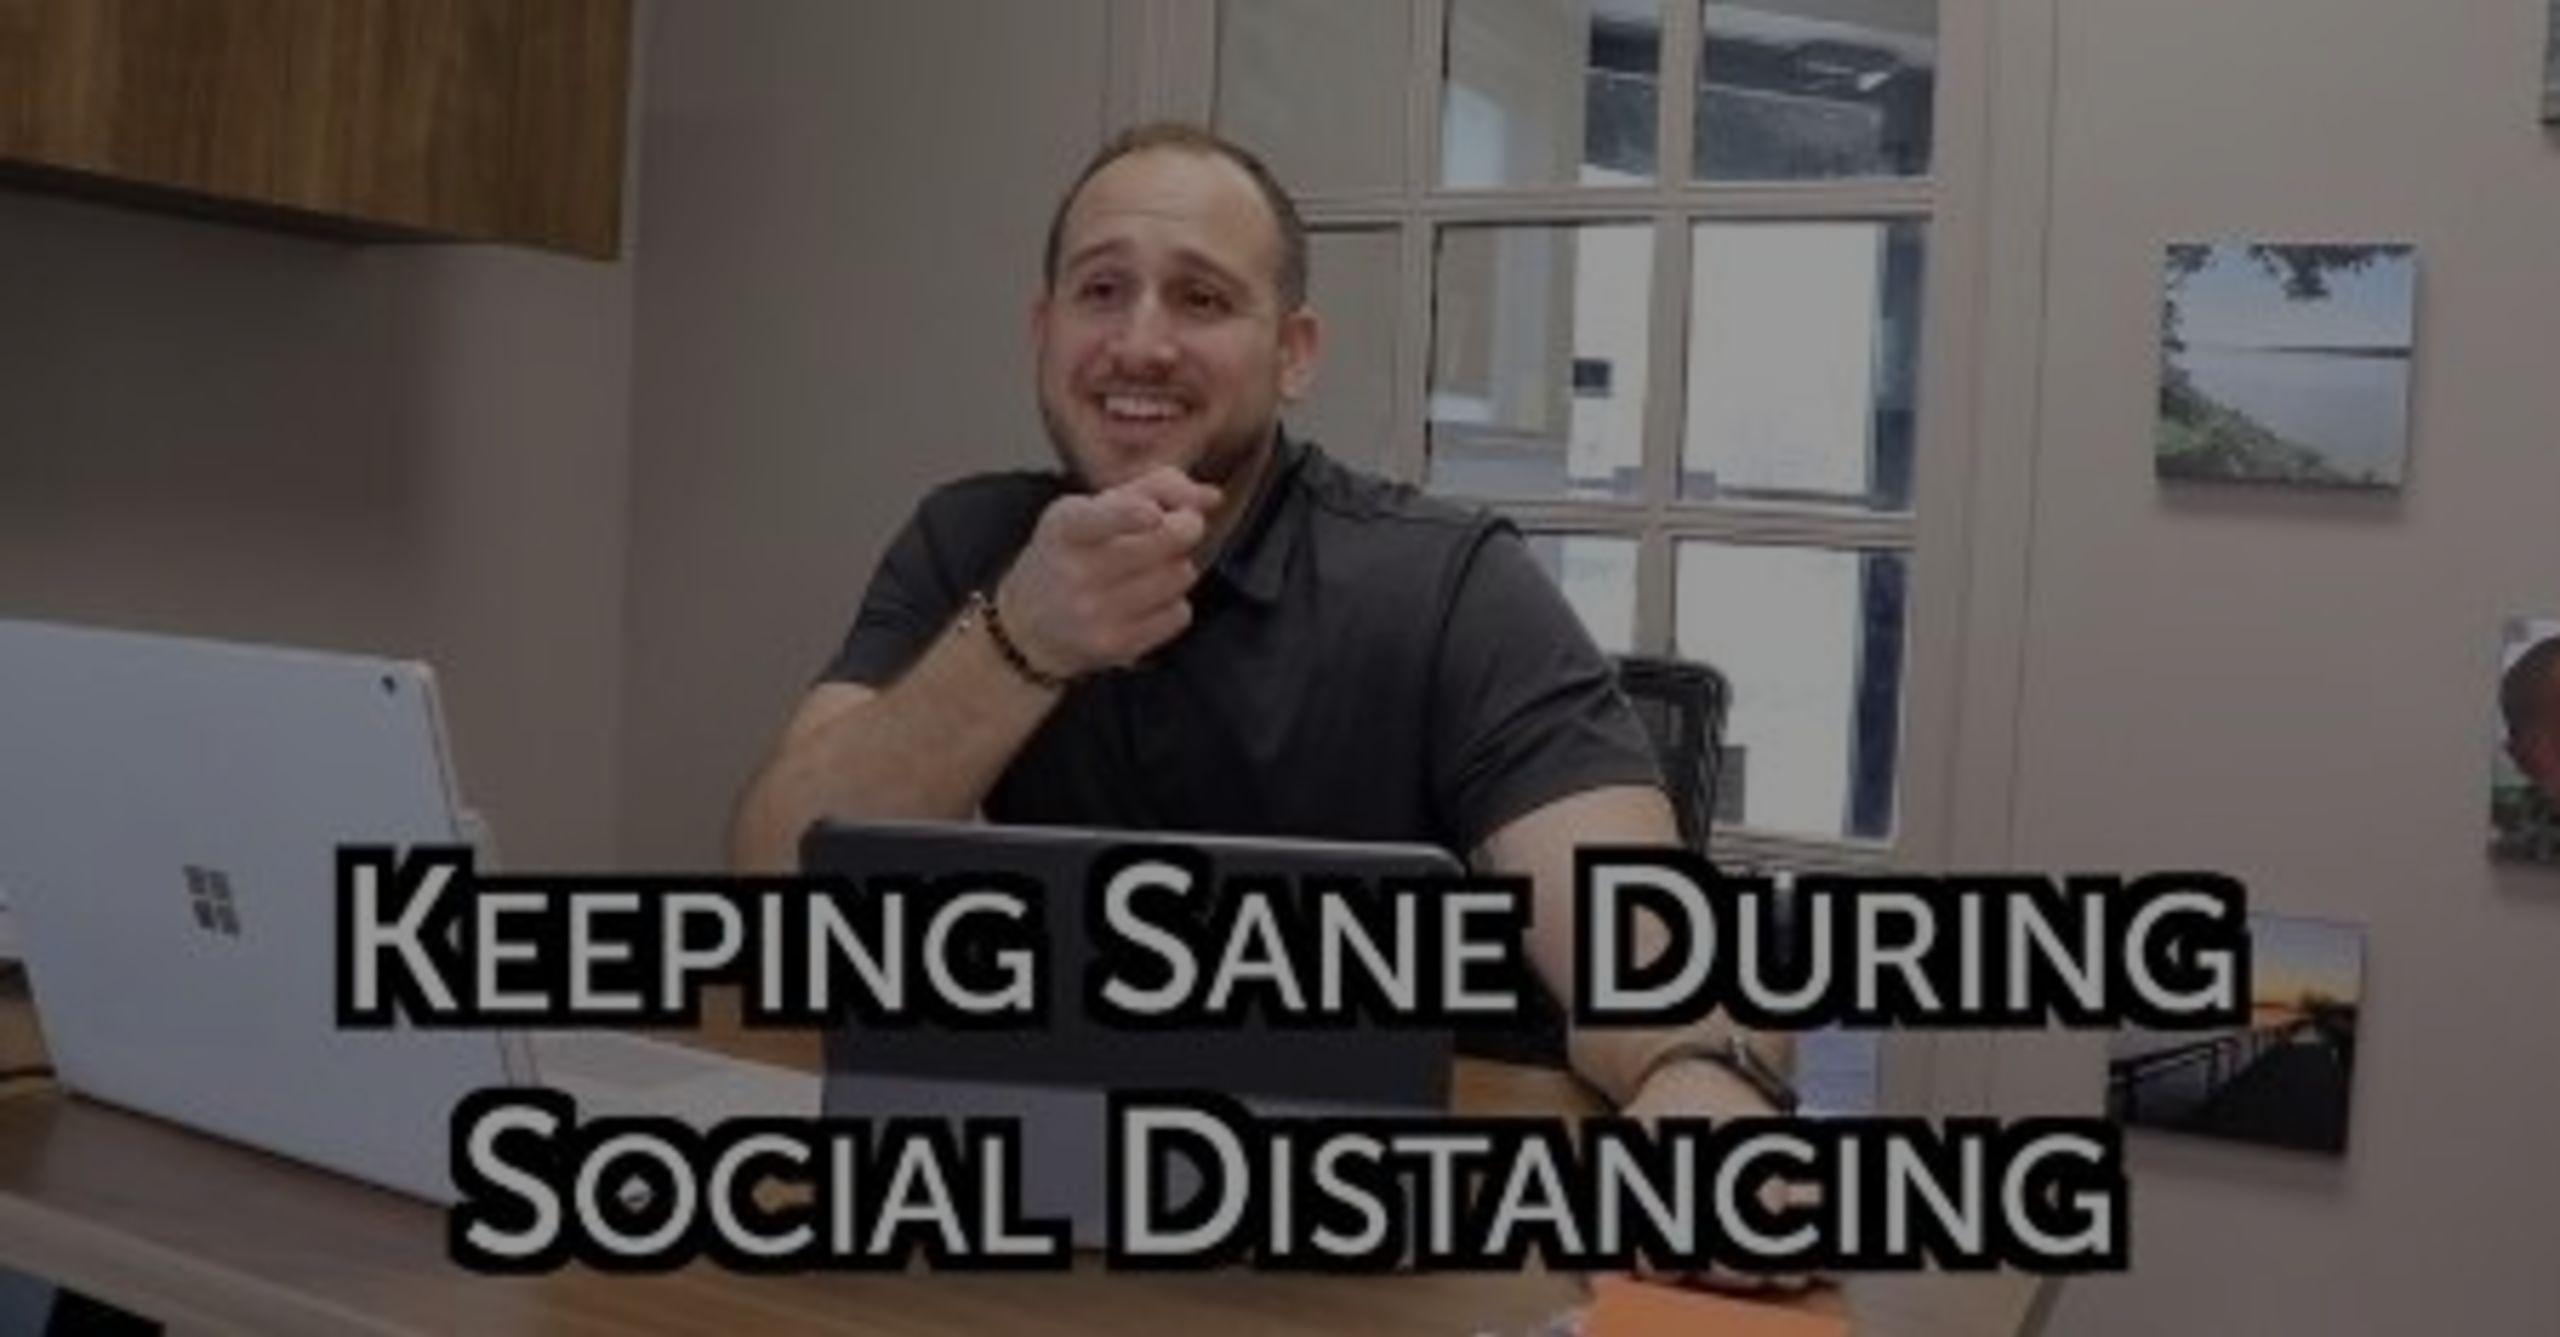 Keeping Sane During Social Distancing